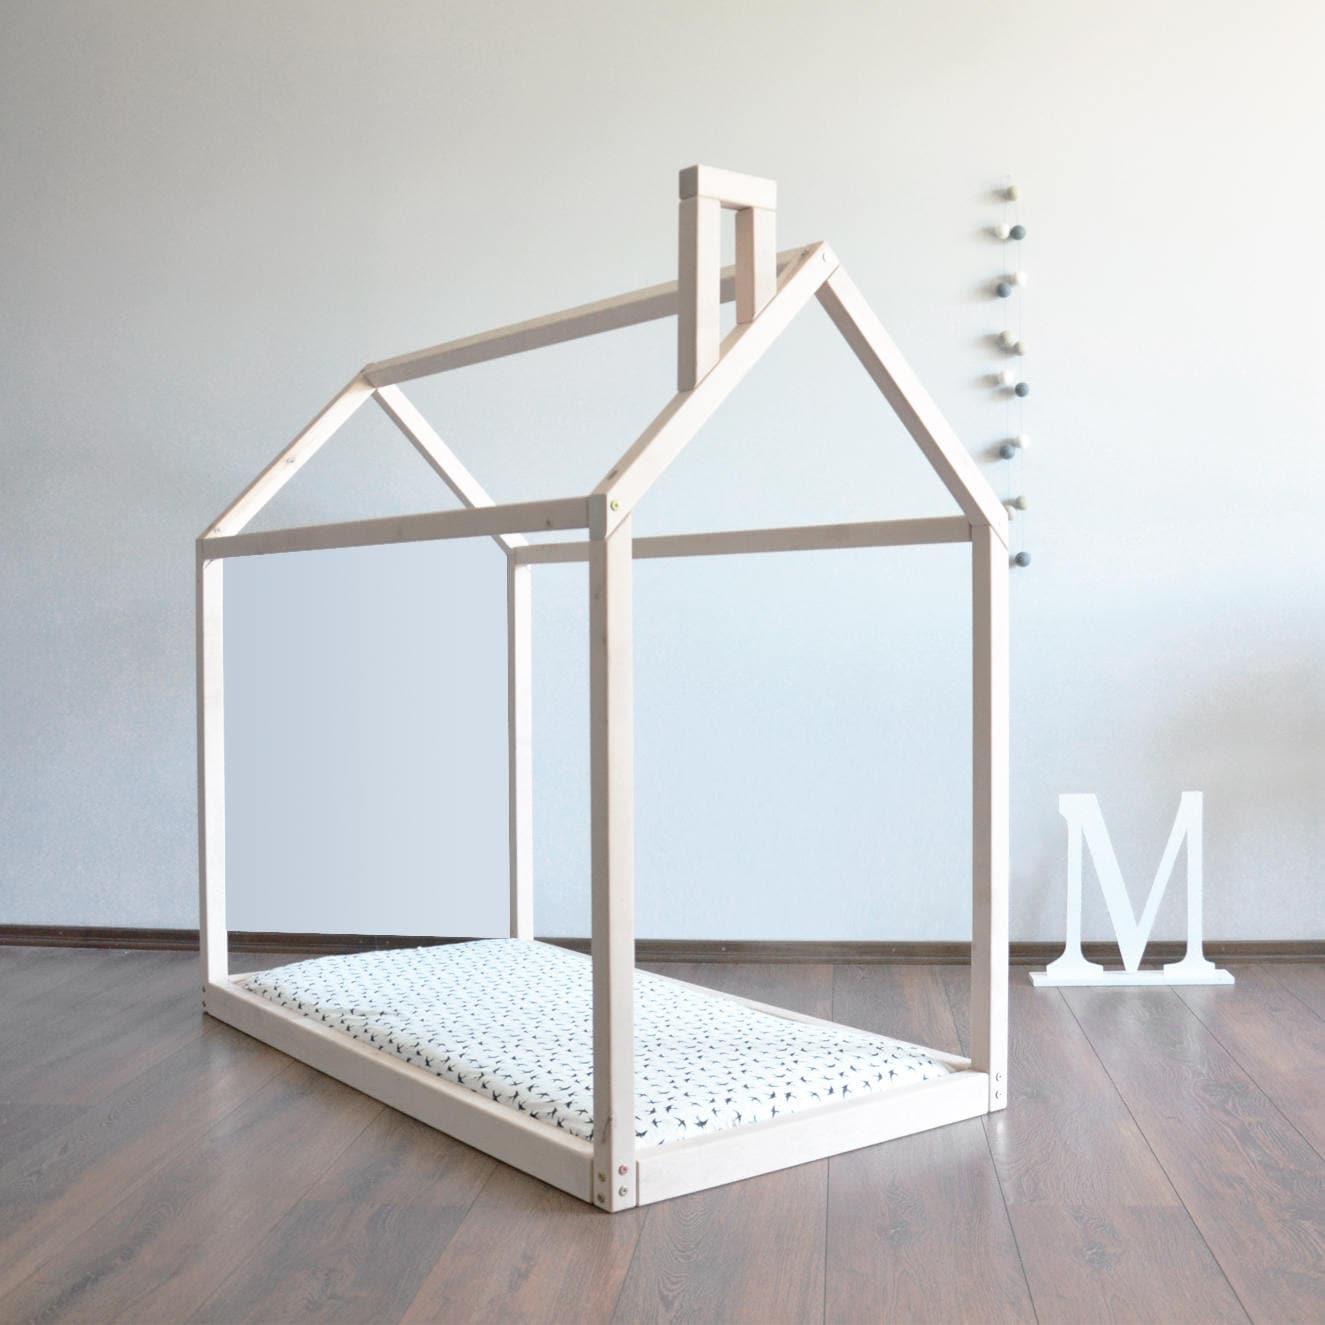 Haus-Bett-Rahmen-Baby-Bett Bett modernes Haus einzigartige